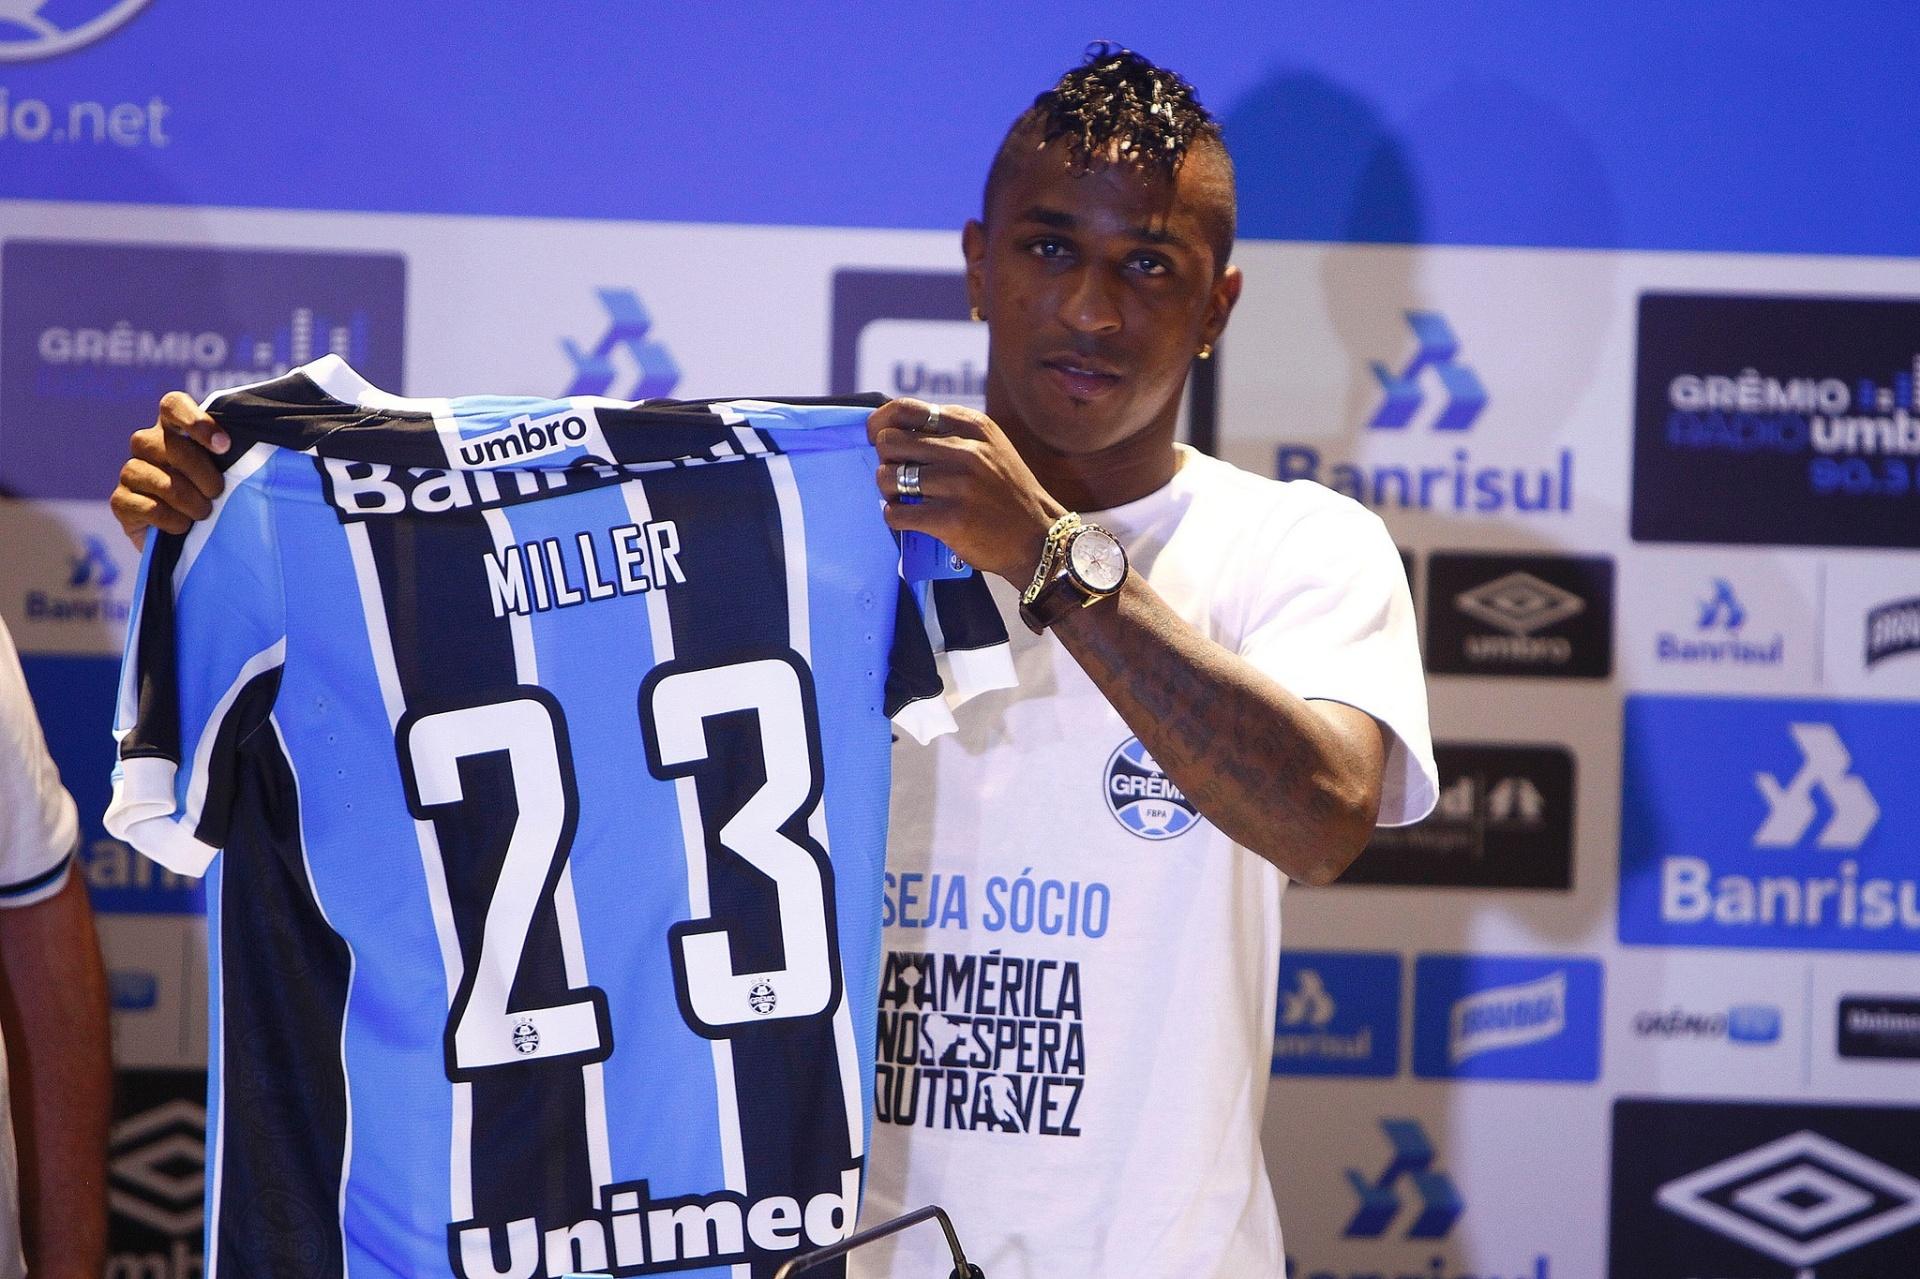 Reforço do Grêmio pede número de Michael Jordan e muda nome na camisa -  11 02 2016 - UOL Esporte 6a87fd996da6e